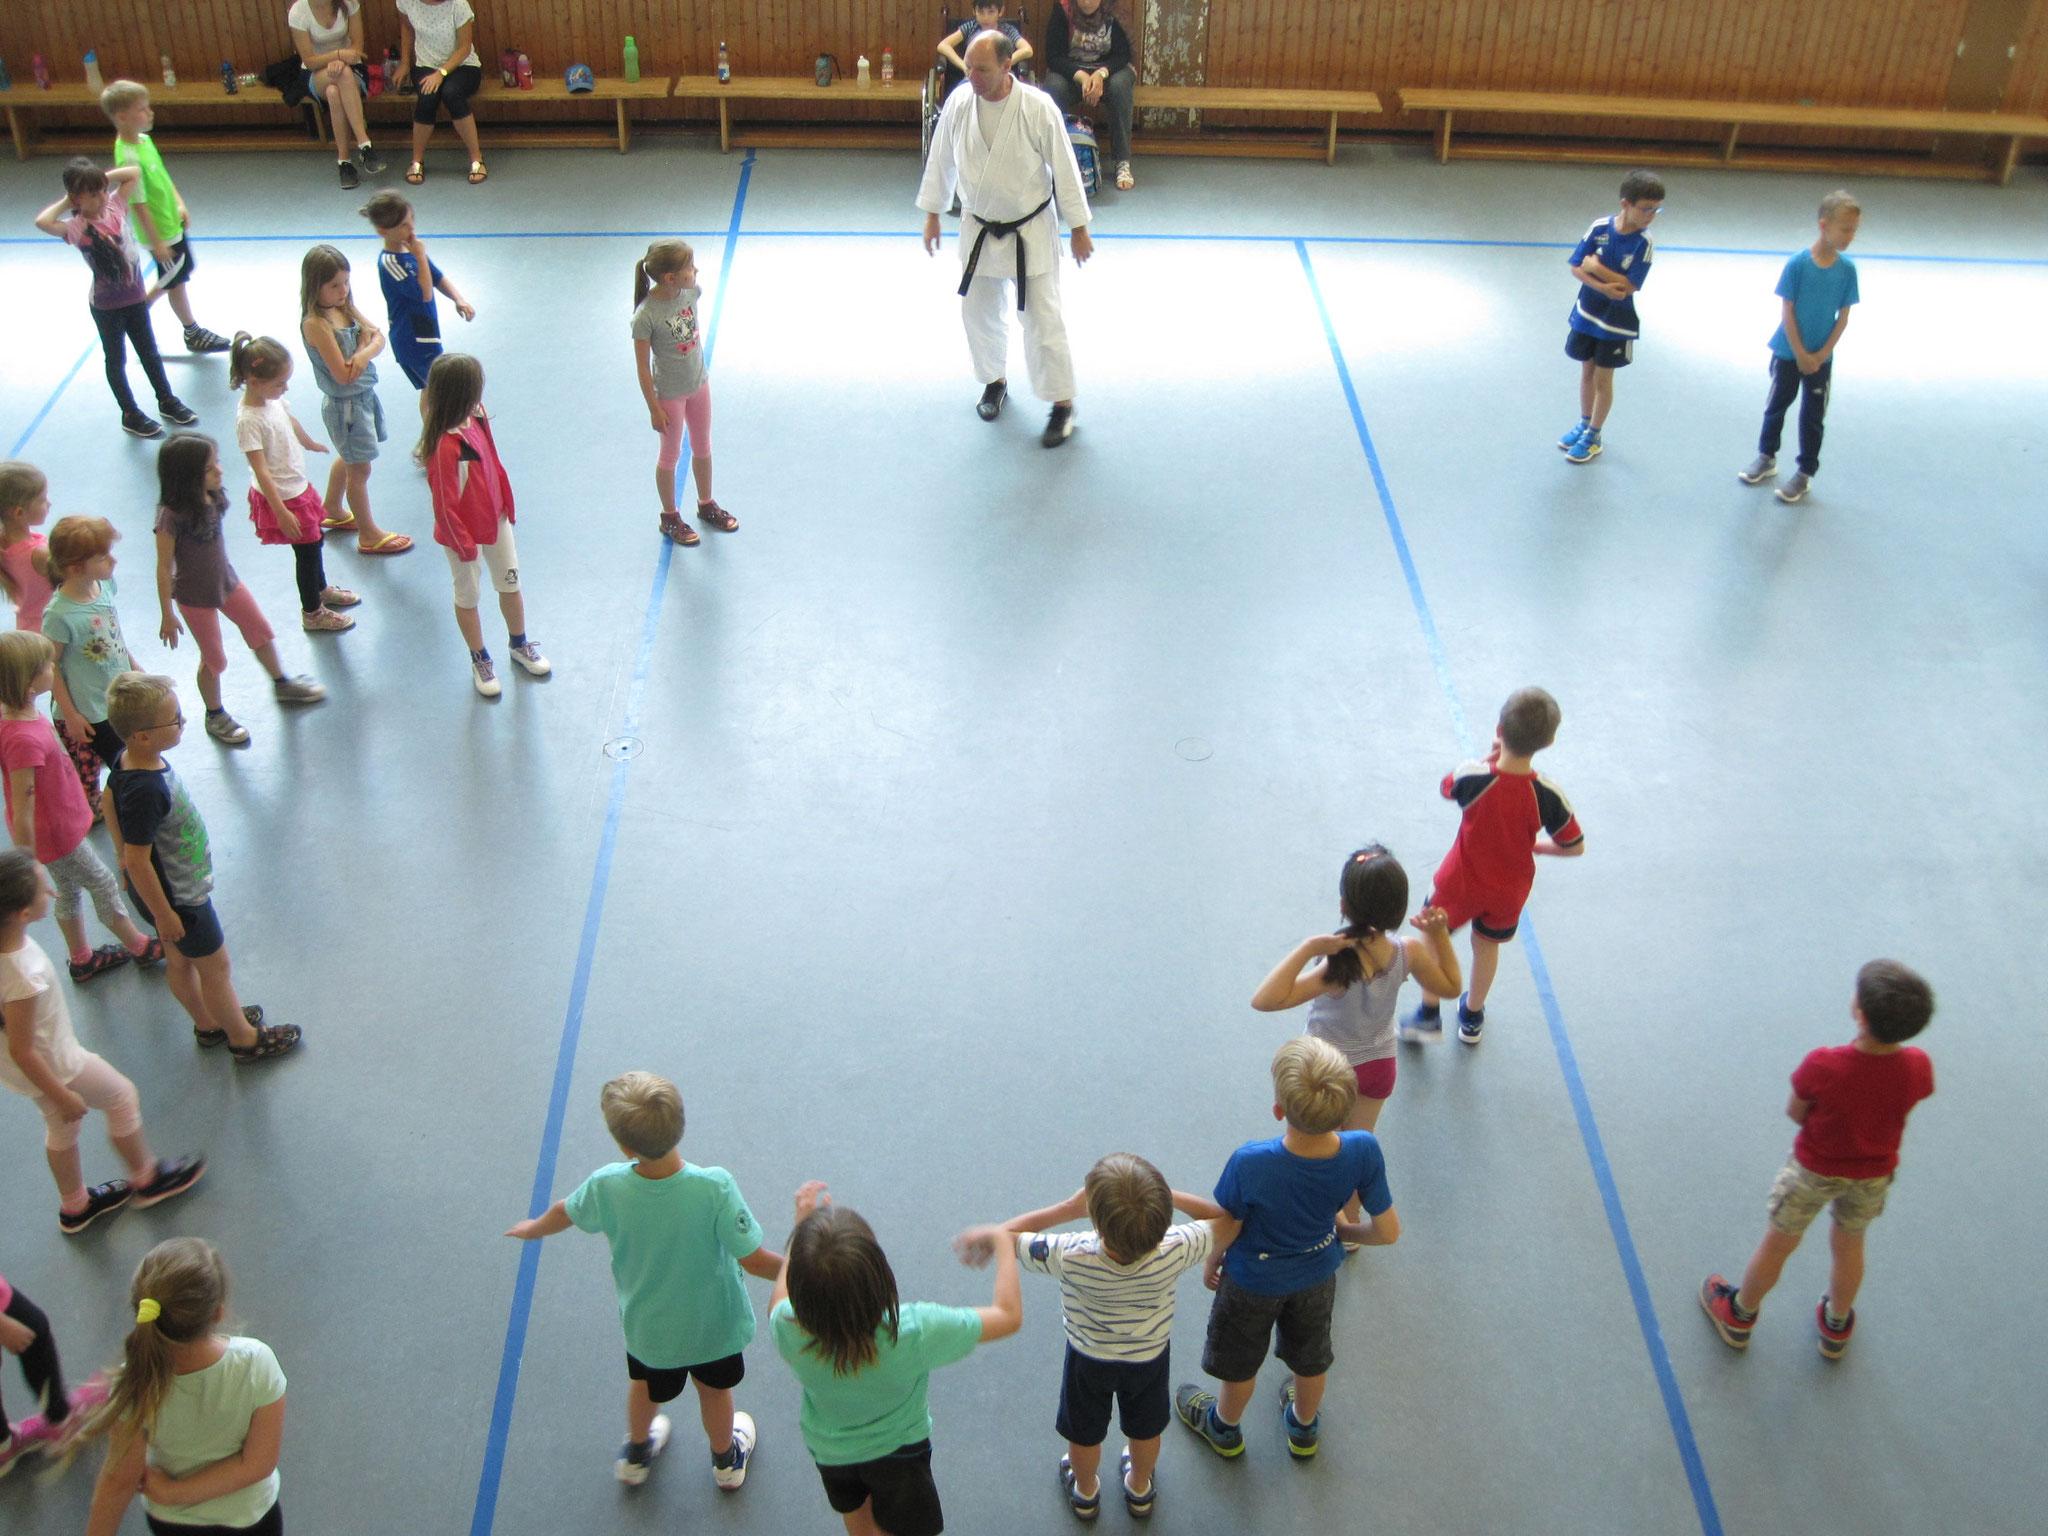 Kinder bekommen erste Übungen erklärt